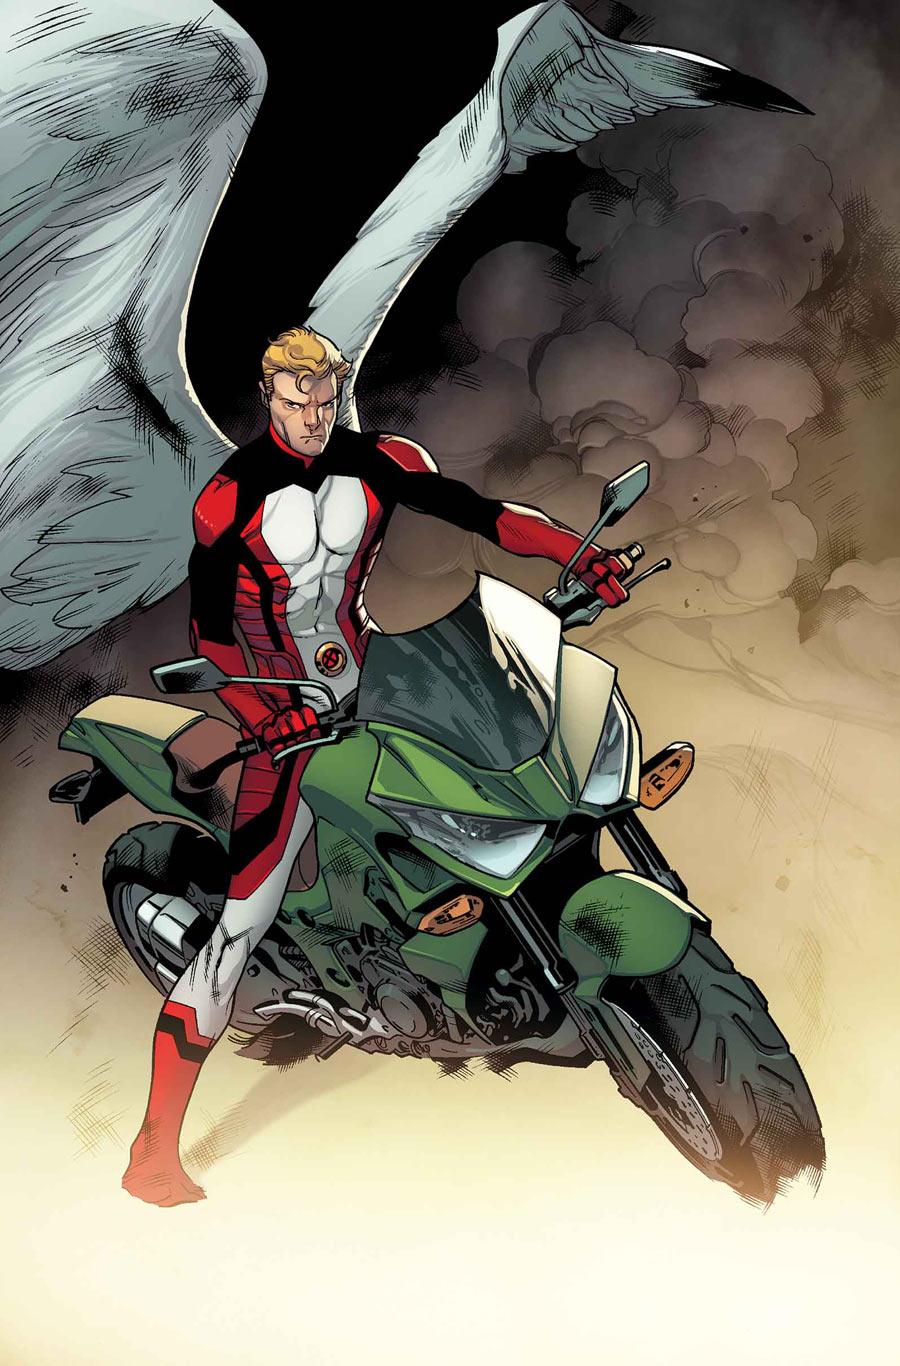 Cover art for 'All-New X-Men' #29 by Stuart Immonen